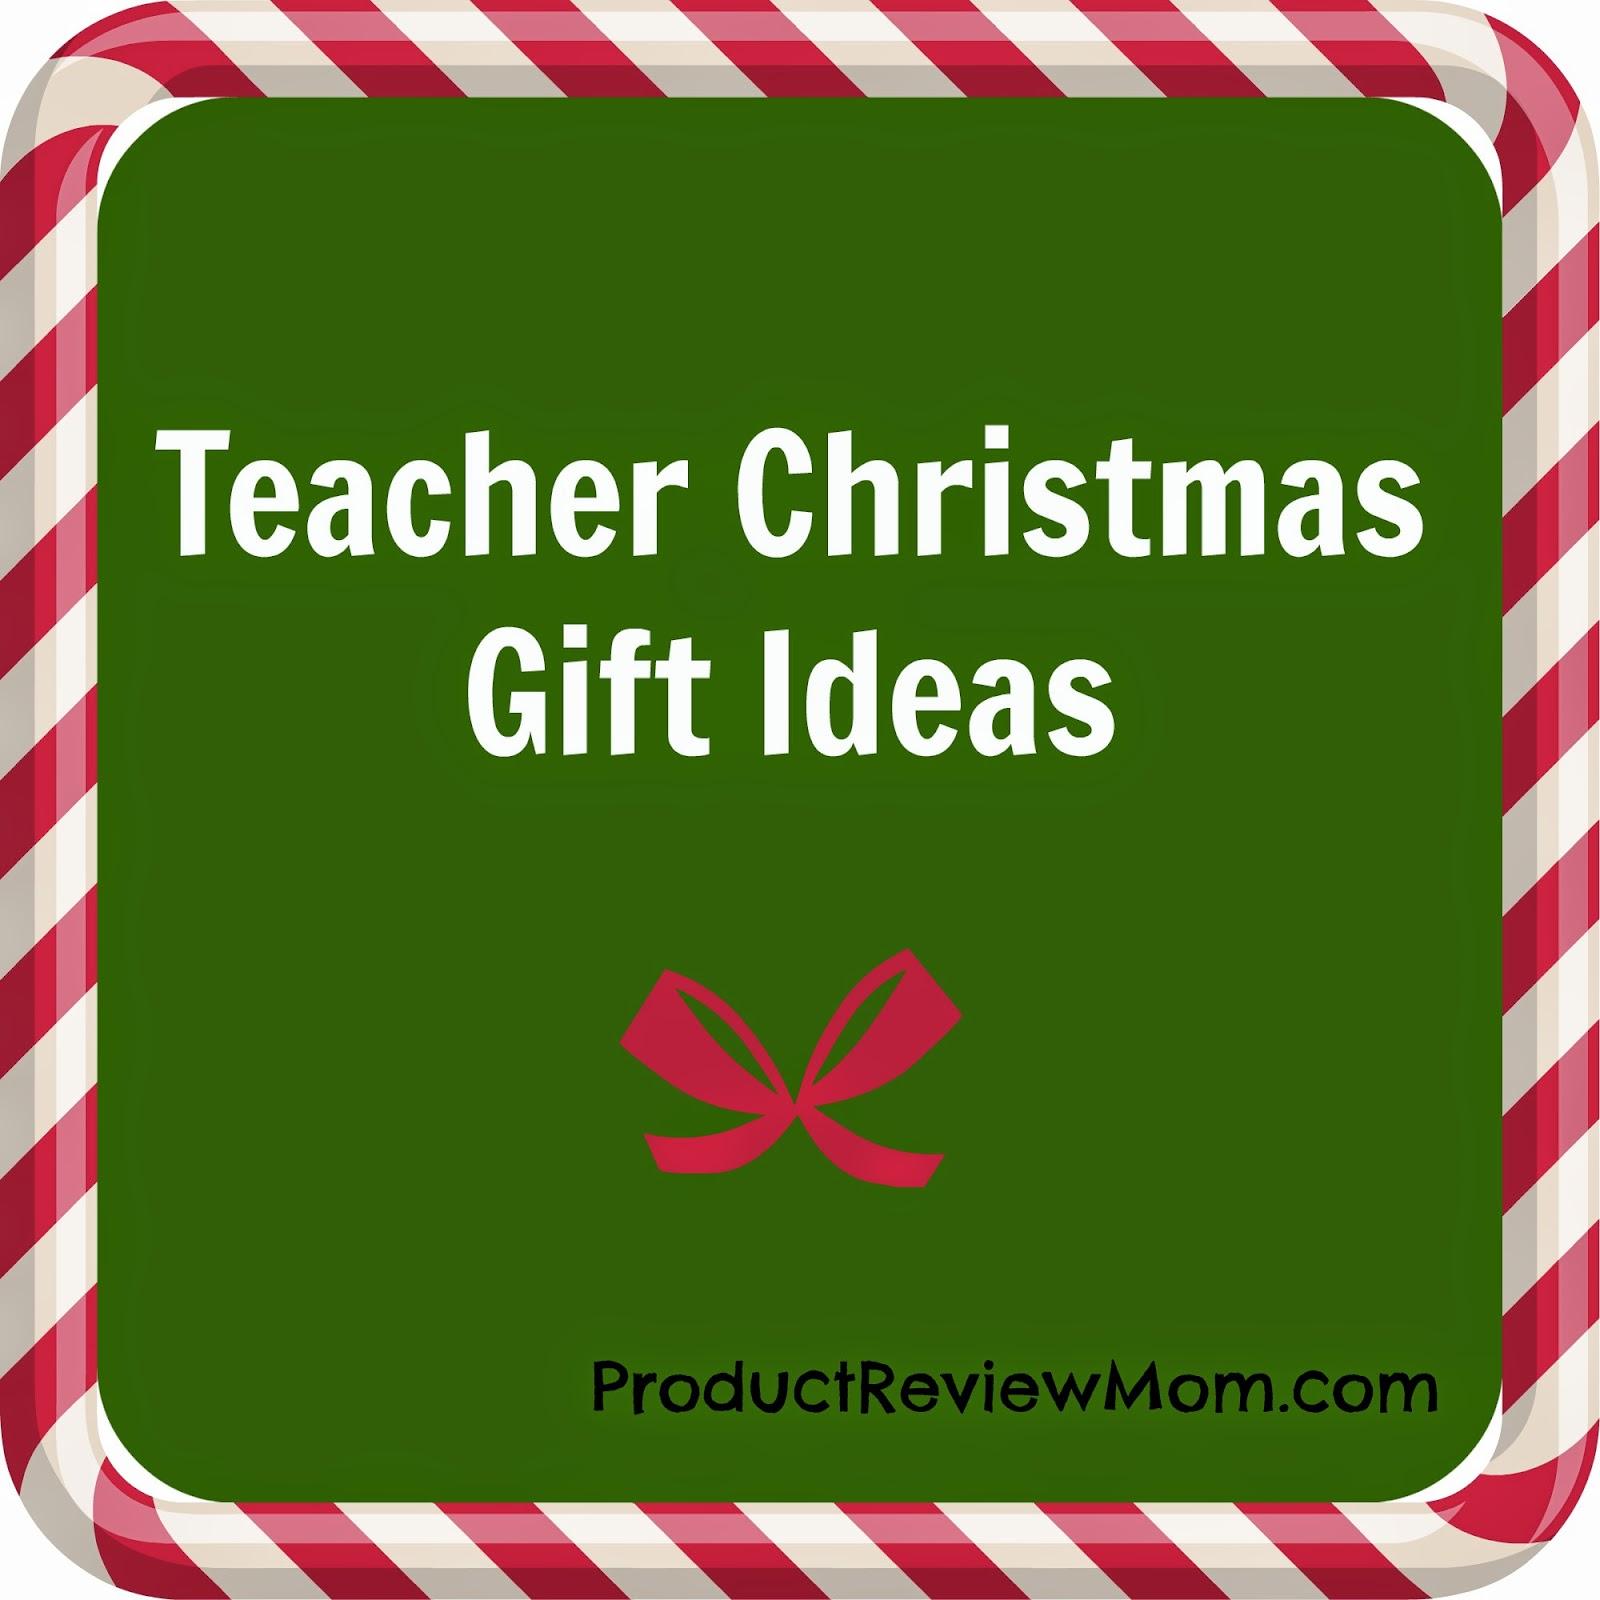 Teacher Christmas Gift Ideas #HolidayGiftGuide via www.productreviewmom.com